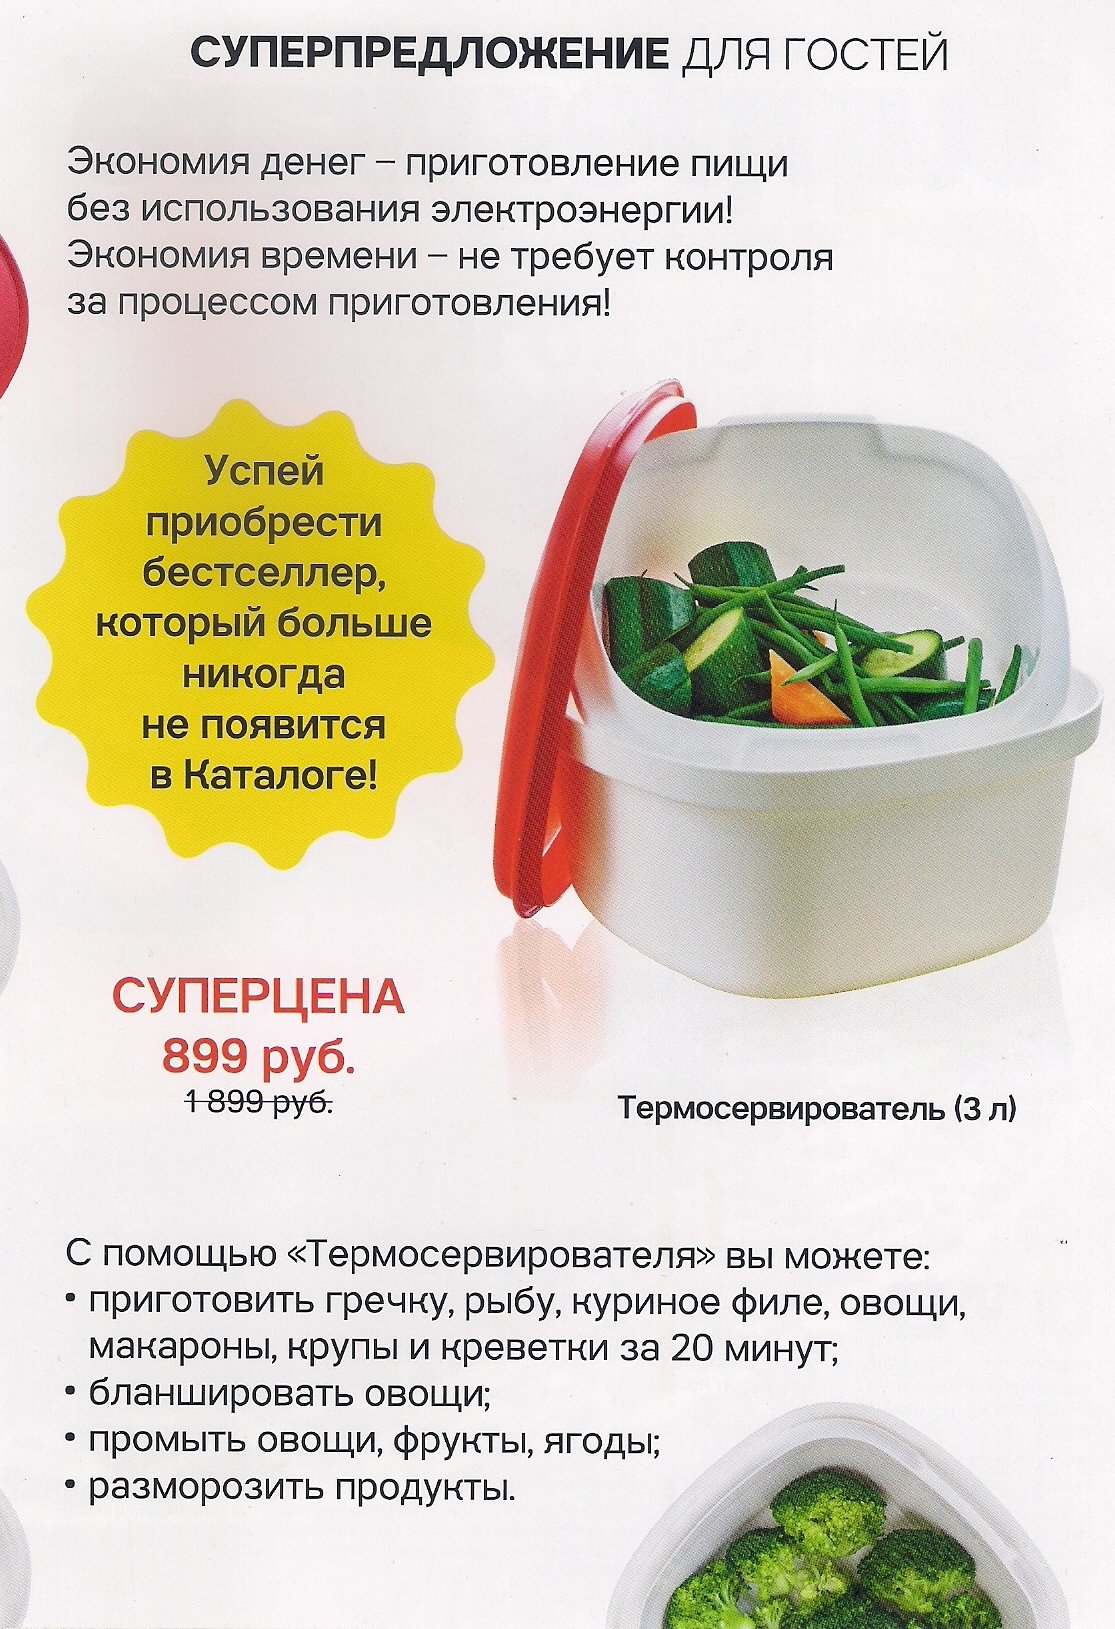 https://tupperware-online.ru/images/upload/s13.jpg